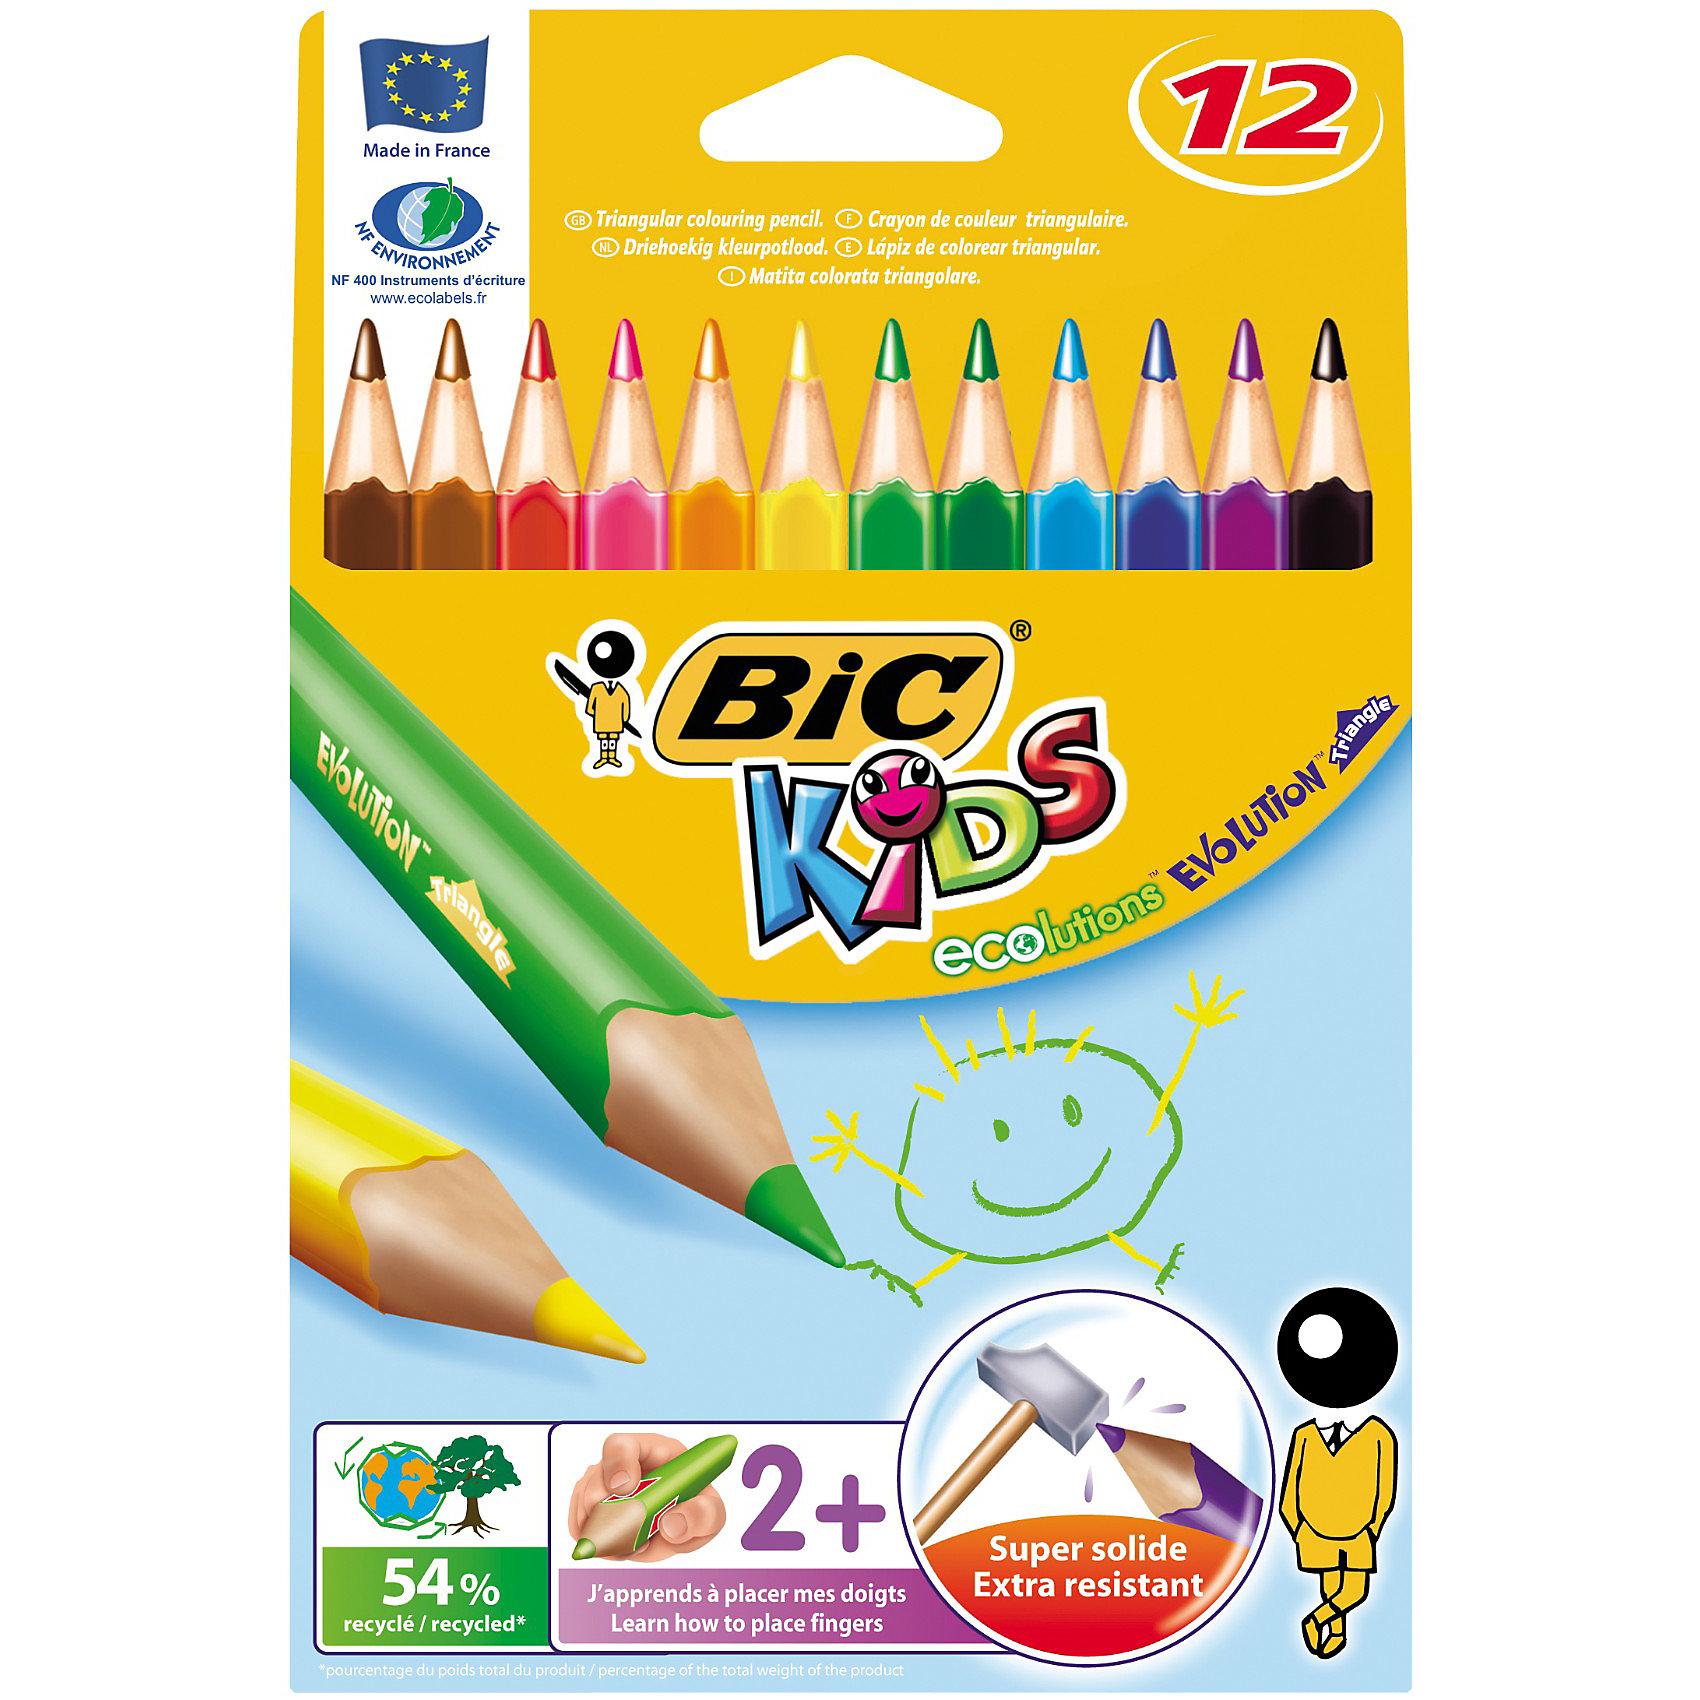 BIC Карандаши цветные  Эволюшен Триэнжел 12 цветовРисование<br>BIC Карандаши цветные  Эволюшен Триэнжел 12 цветов - яркие пластиковые цветные карандаши удобной треугольной формы. <br><br><br>Прочный стержень, устойчивый к ударам и падениям. <br><br>Карандаш безопасен для детей - не расщепляется при механическом воздействии и не образует острых краев при изломе.<br><br>Яркие цвета!<br><br>Ширина мм: 10<br>Глубина мм: 130<br>Высота мм: 185<br>Вес г: 62<br>Возраст от месяцев: 36<br>Возраст до месяцев: 1188<br>Пол: Унисекс<br>Возраст: Детский<br>SKU: 2493061